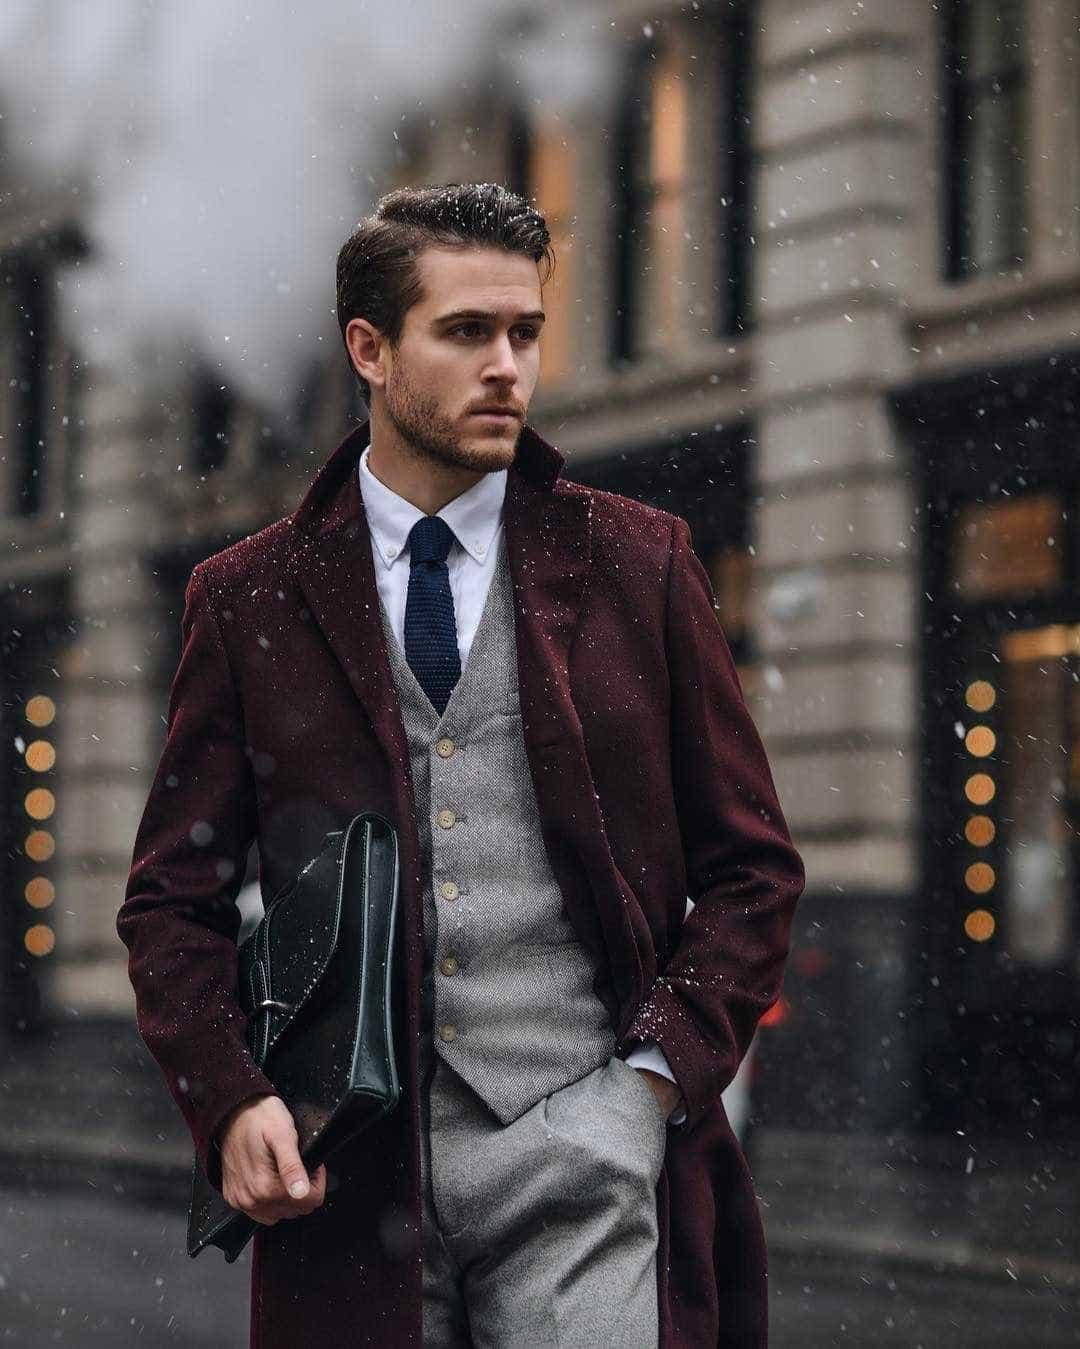 Os homens 'mais quentes' do Instagram